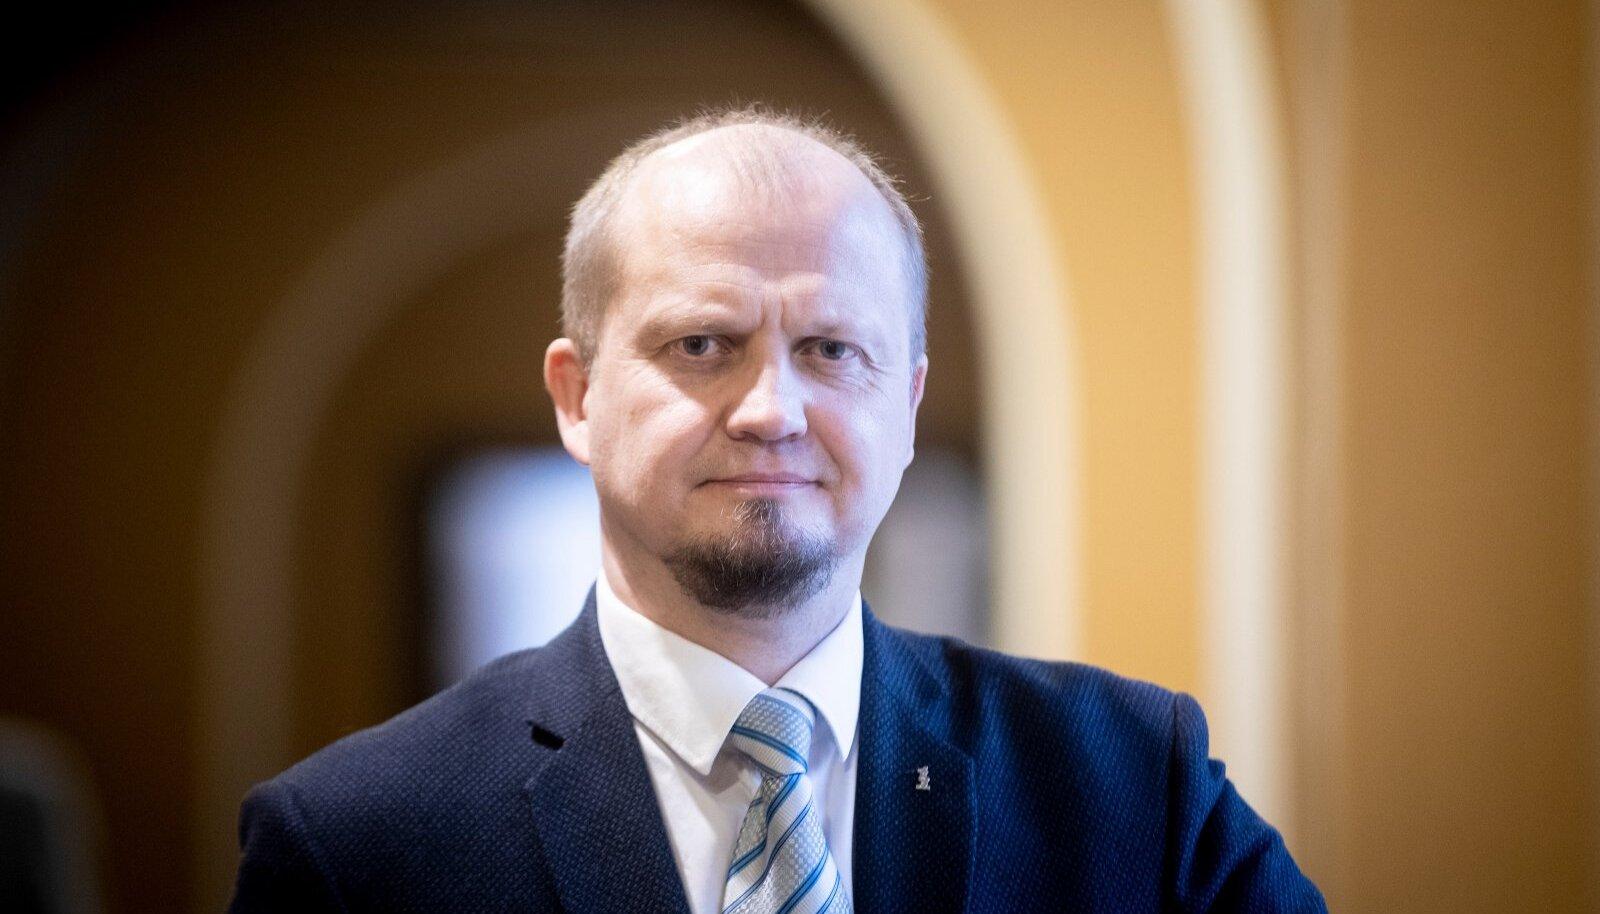 """Eesti-Ungari parlamendirühma esimees Anti Poolamets: """"Hollandi peaministri Mark Rutte ütlus, et Ungari tuleb põlvili suruda, meenutab teist poliitilist süsteemi ja sellise suhtumise aktsepteerimine tähendab kaugenemist demokraatiast."""""""